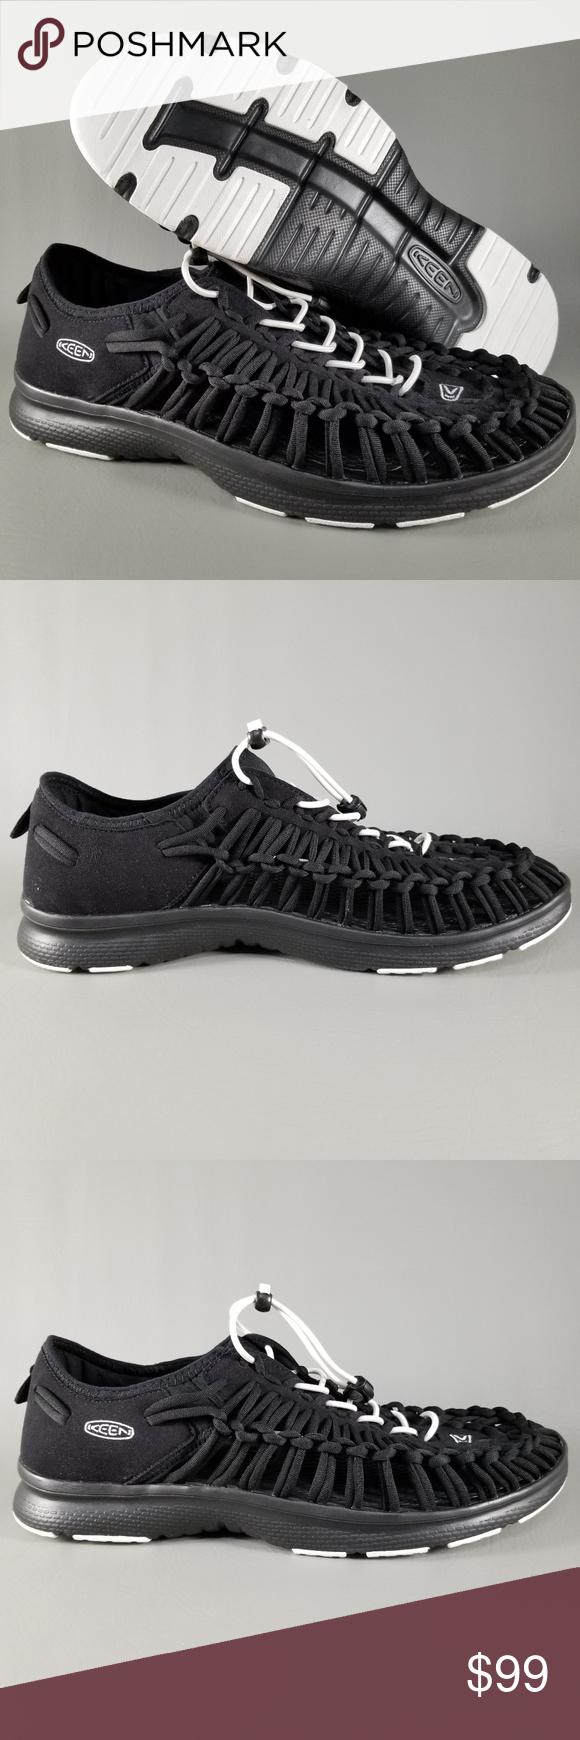 df7745087f2d KEEN Uneek O2 Men s Boat Sandal Loafers 10.5 Black NWT